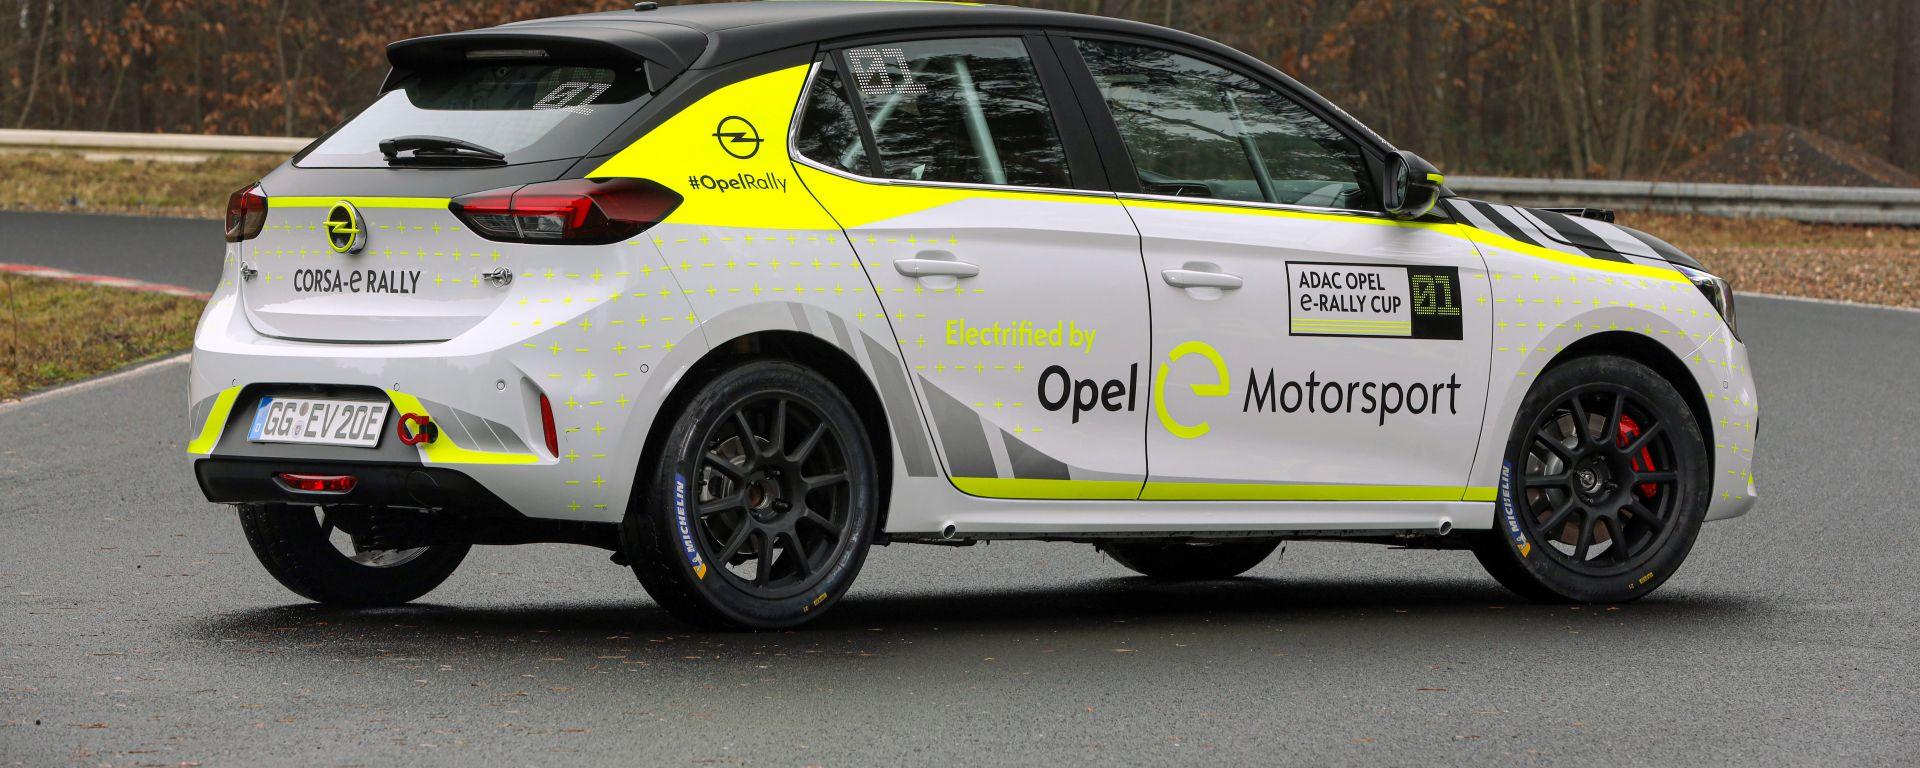 La nuova Opel Corsa-e Rally sarà protagonista della ADAC Opel Corsa e-Rally Cup nel 2020